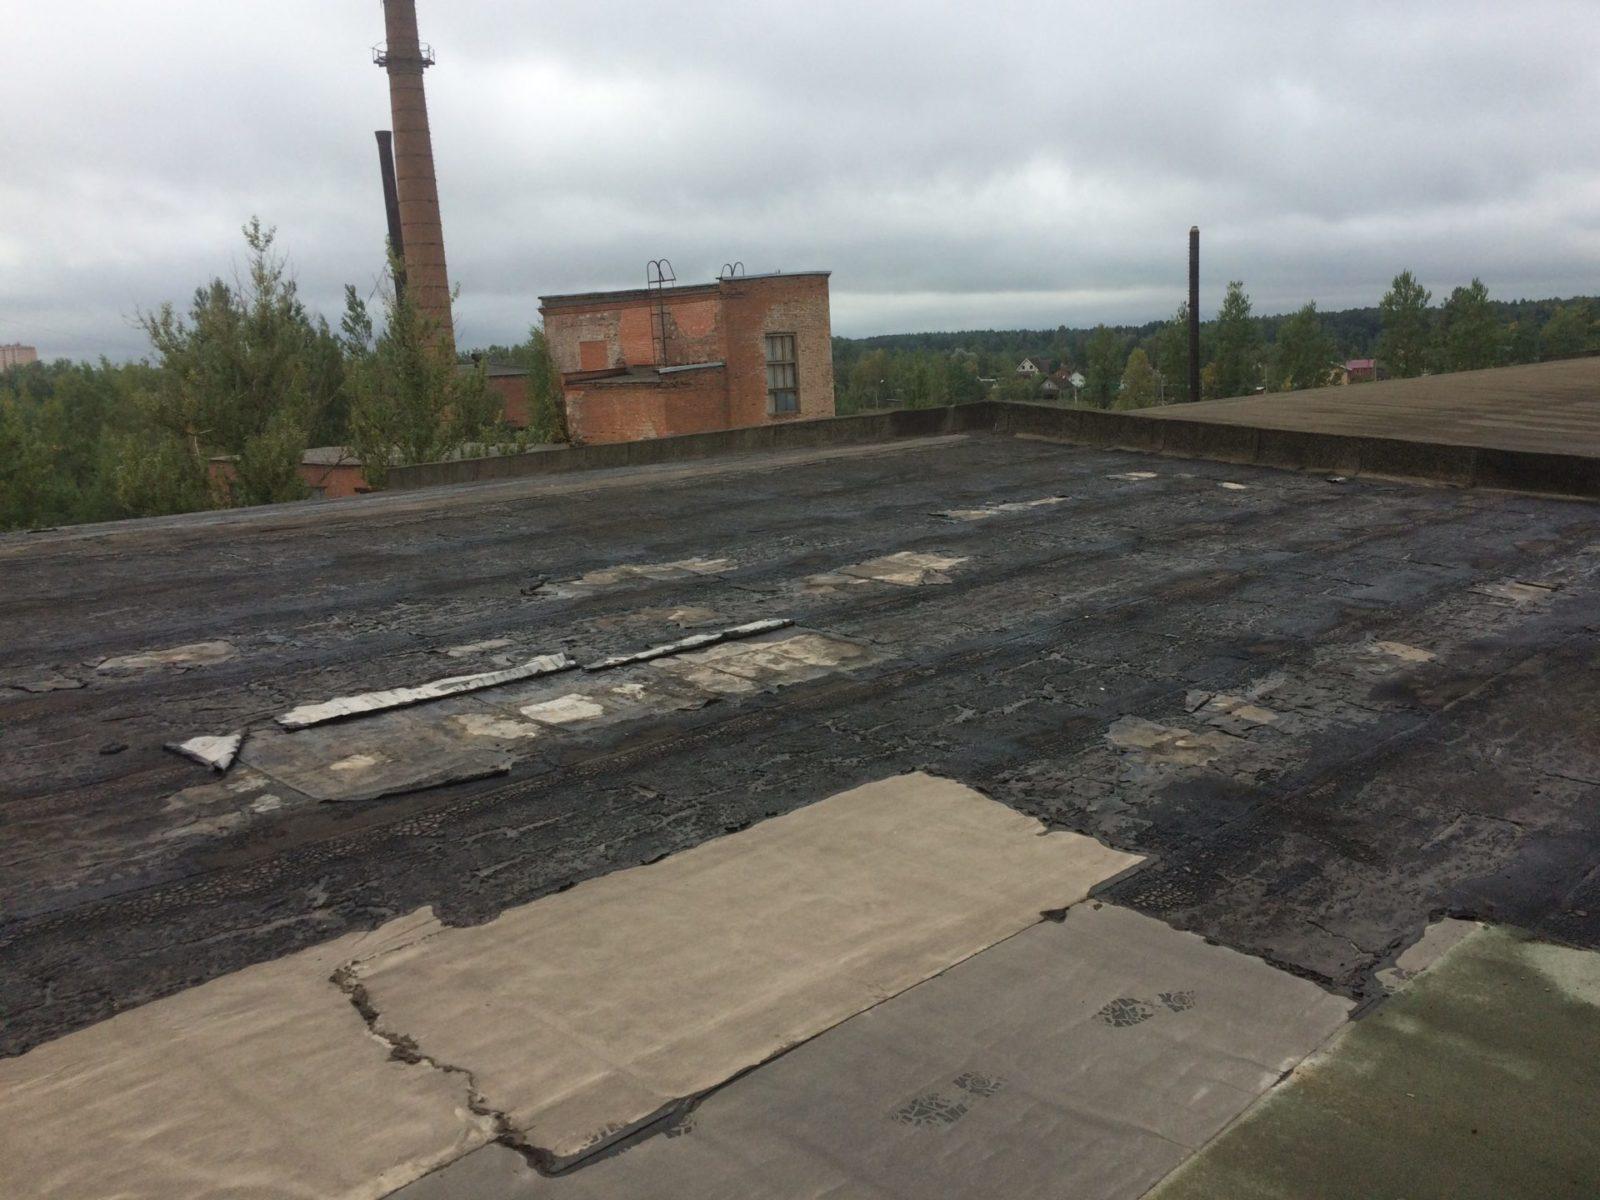 Частичный ремонт основания кровли для производственной организации ООО «Квадро Декор» в г. Никольское